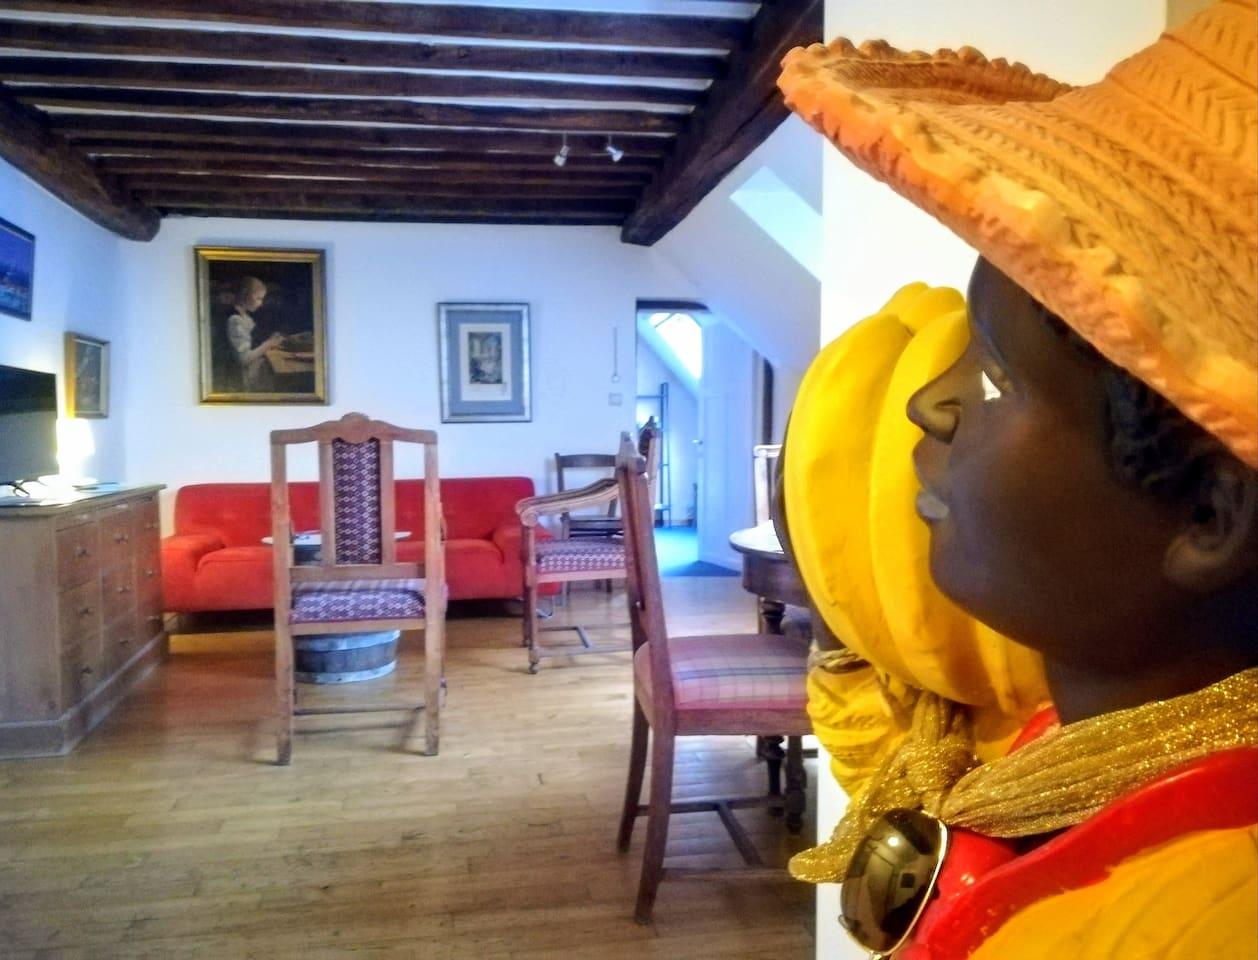 Un appartement cosy, rien que pour vous... (Les photos ont été prises par Bruno, un voyageur AirBnb de Funchal, au Portugal, et par Jean-Robert, un Namurois voyageur AirBnb. Un tout grand merci à ... leurs yeux experts!)